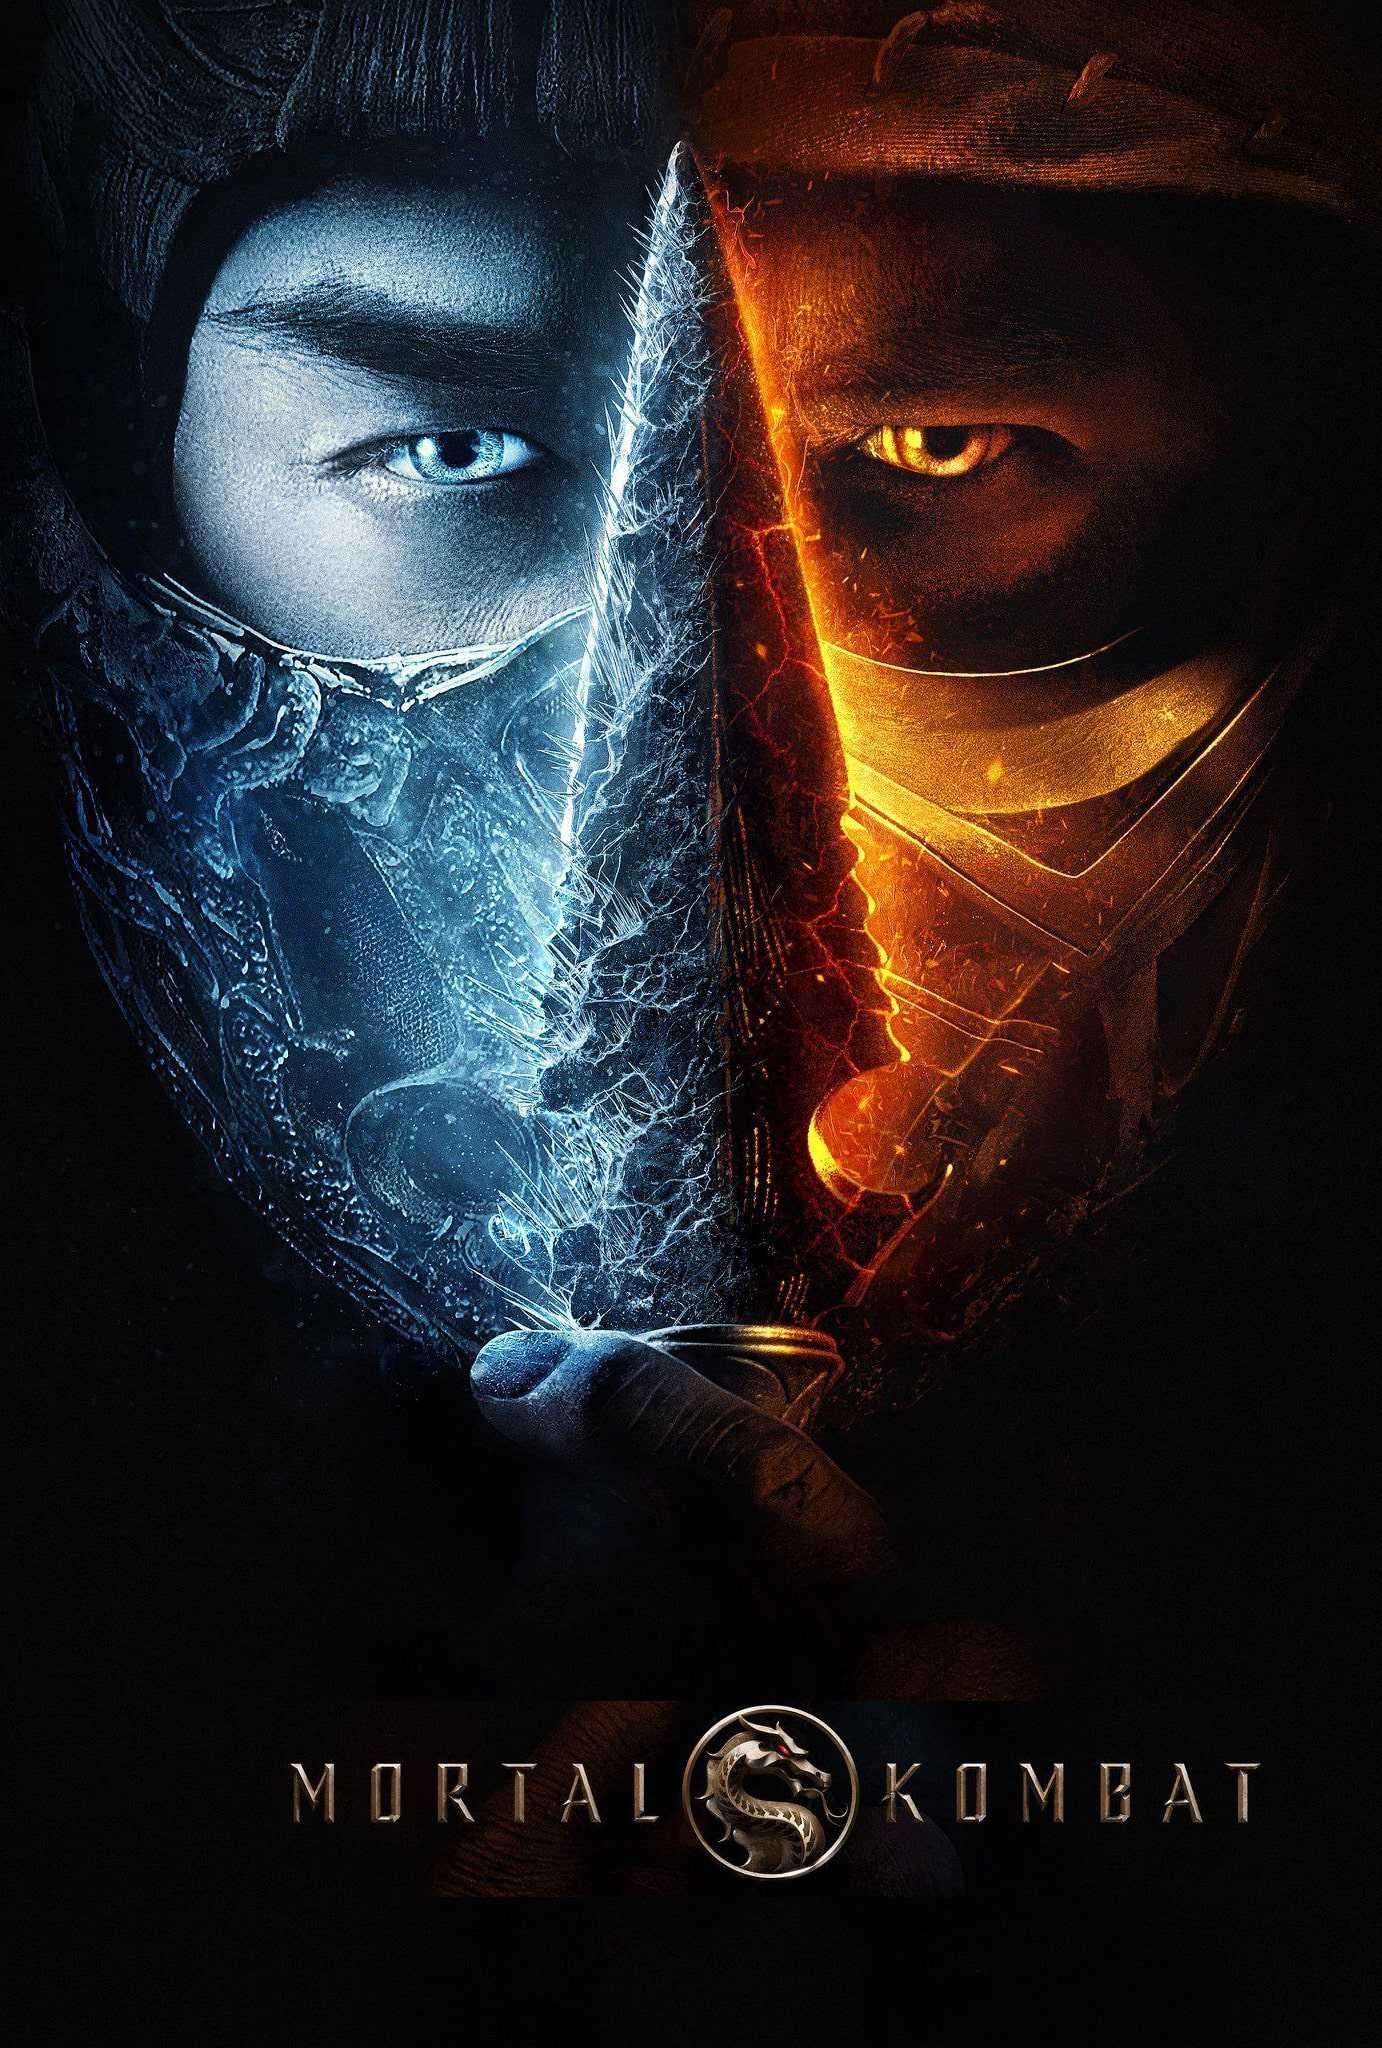 Mortal Kombat 2021 Hindi Dubbed 720p HDRip 900MB